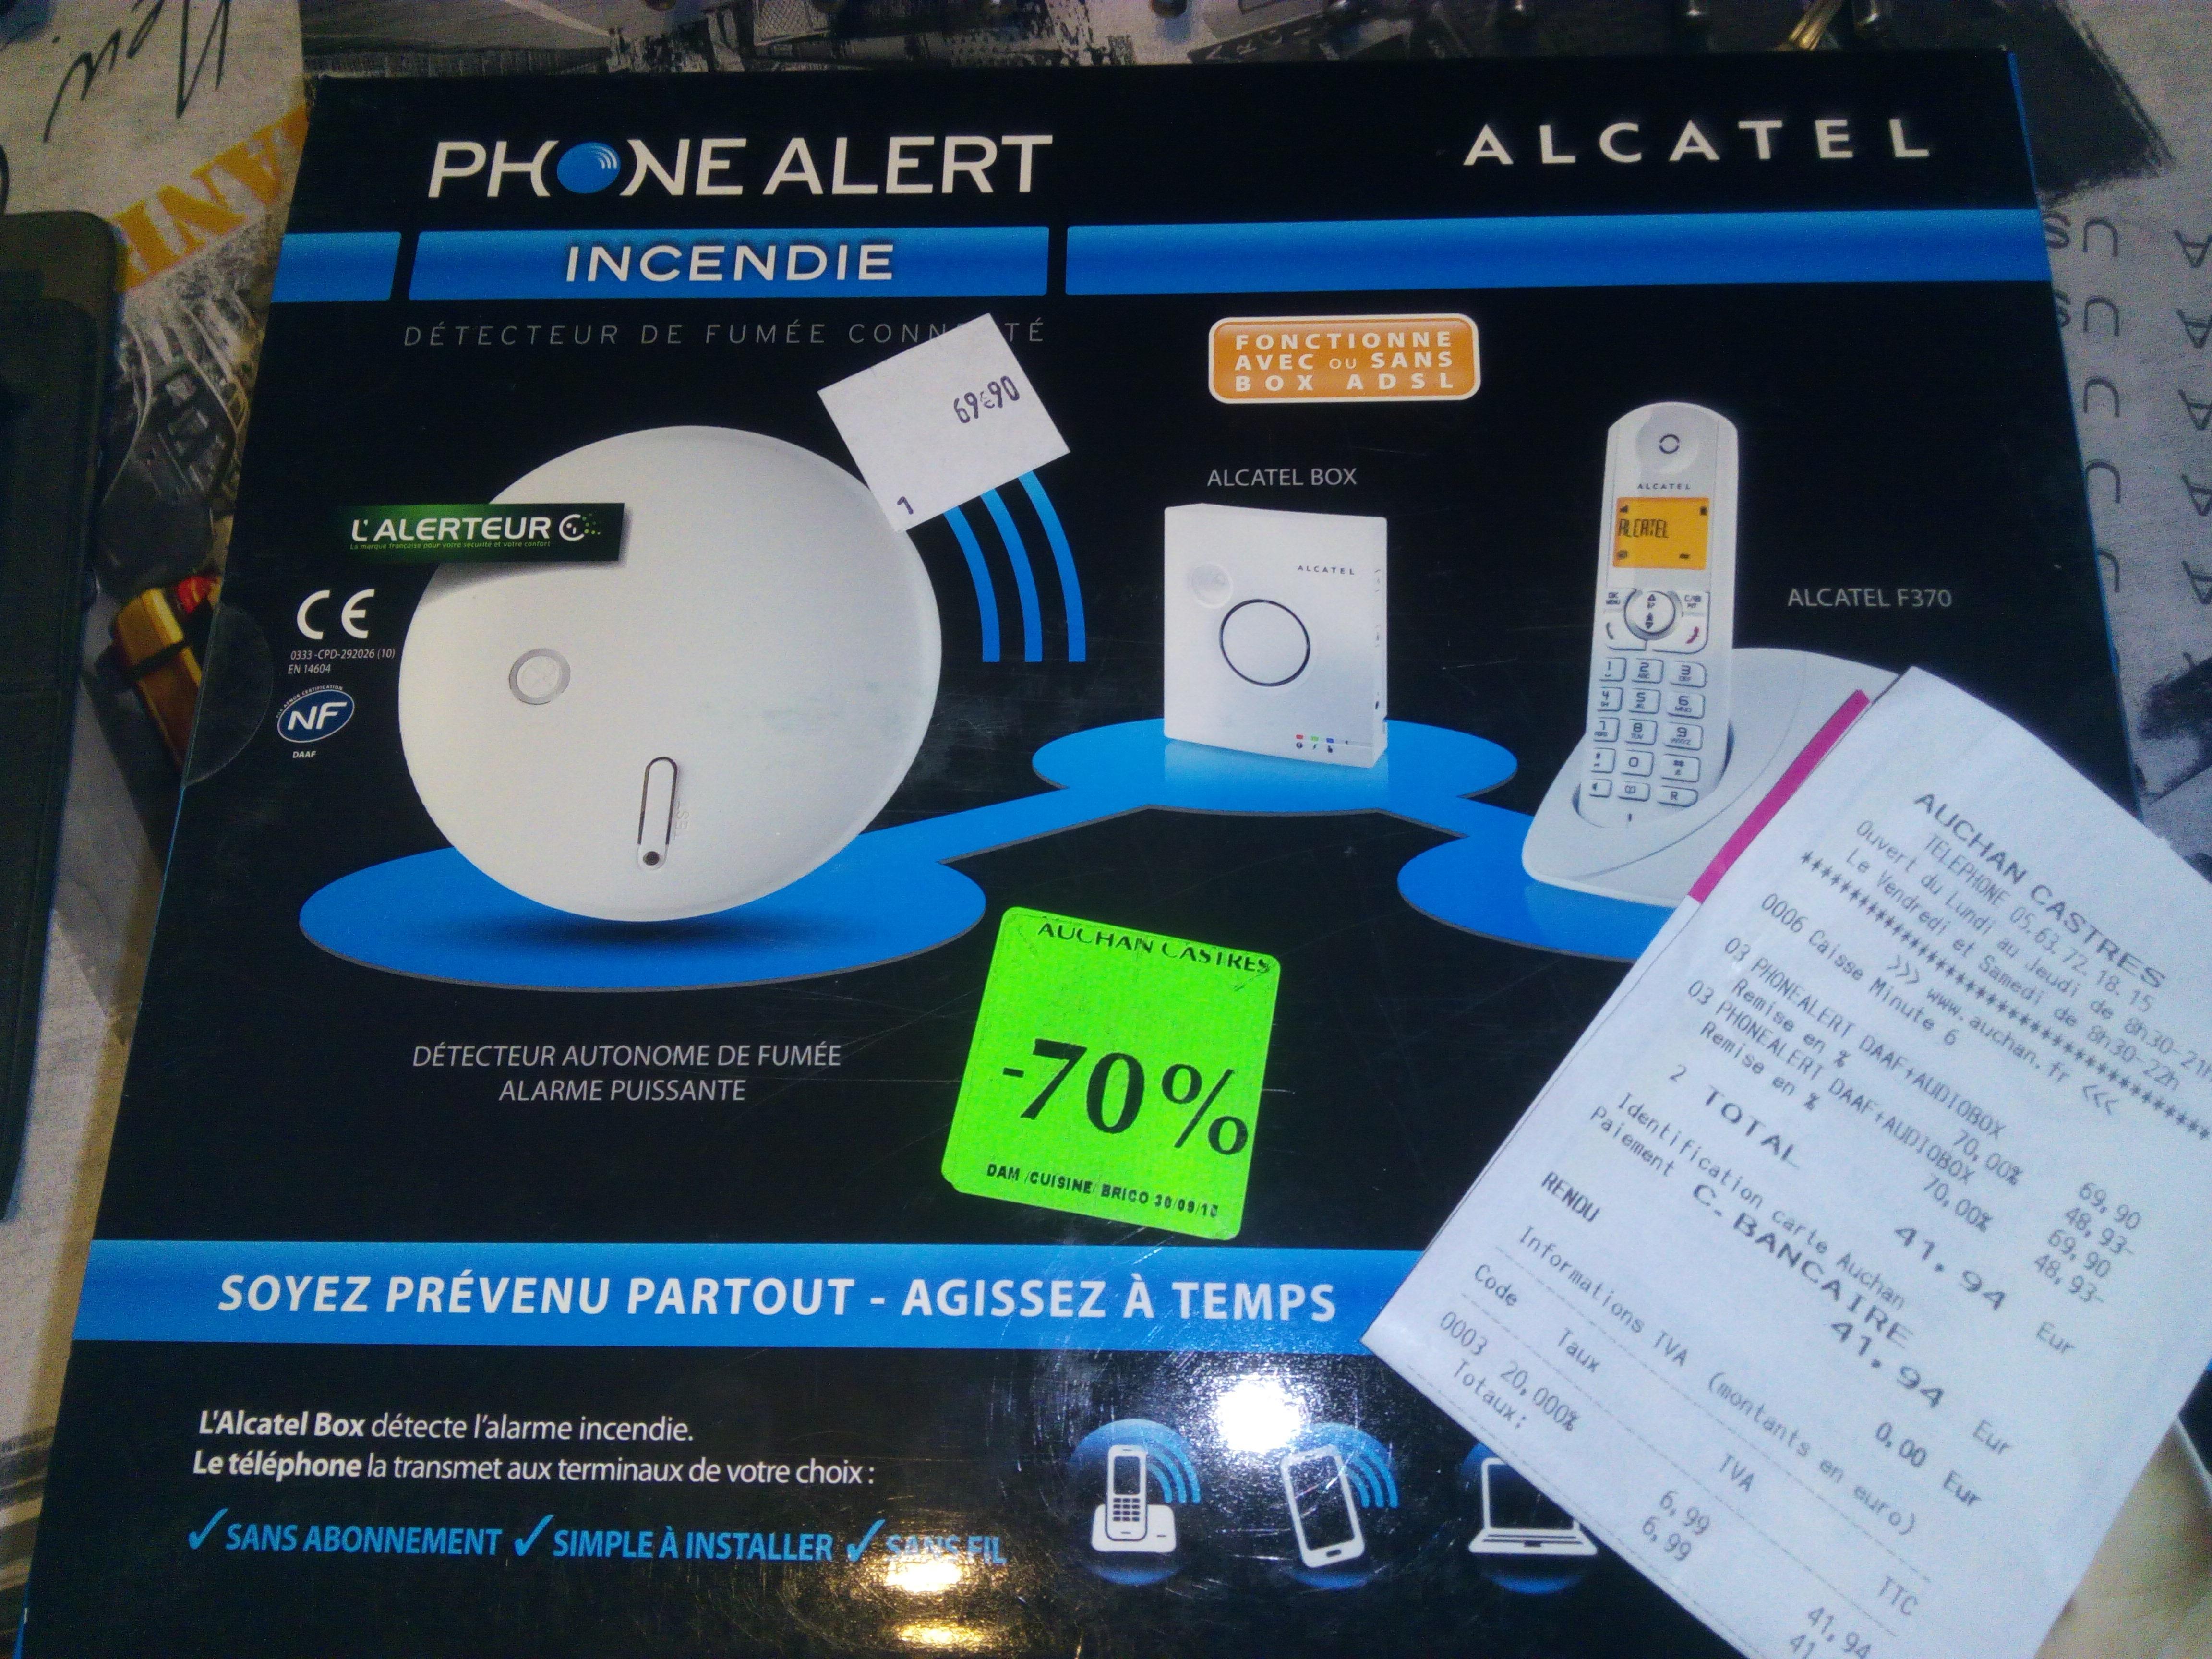 Kit Alcatel Phone Alert Incendie (Détecteur de fumée + Box + Téléphone F370)